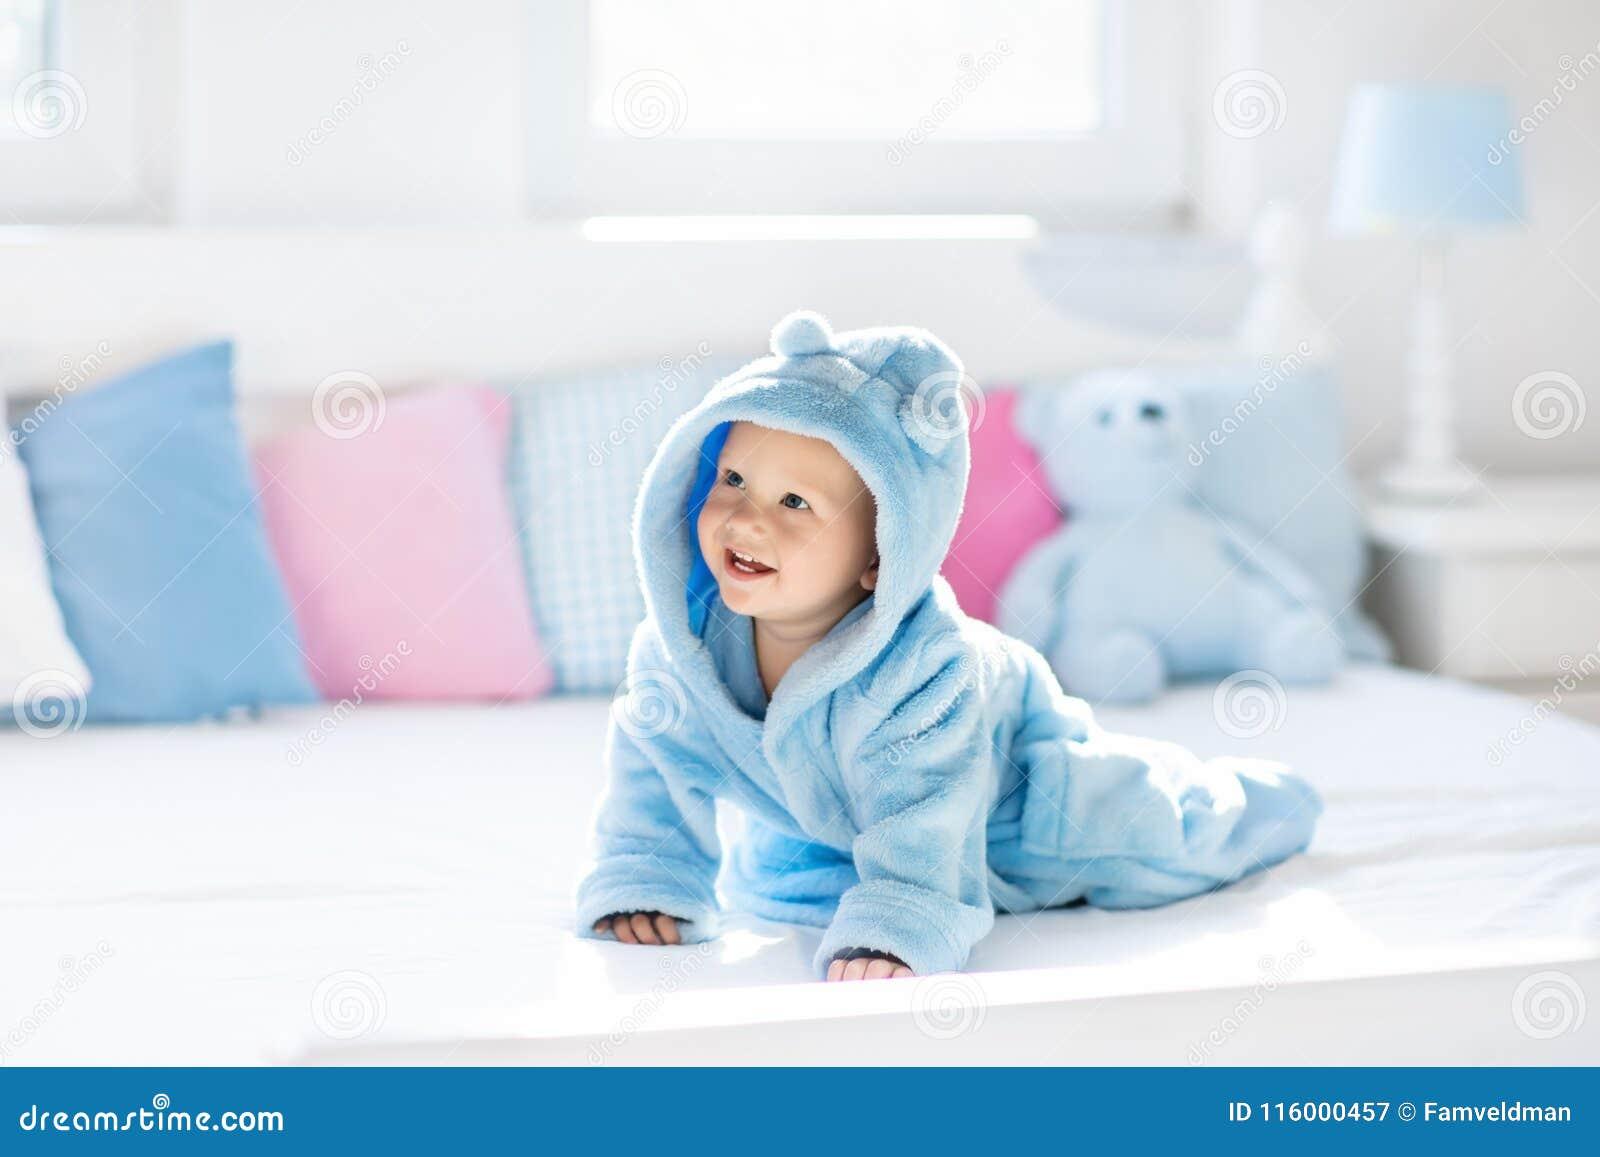 Behandla som ett barn i badrock eller handduk efter bad